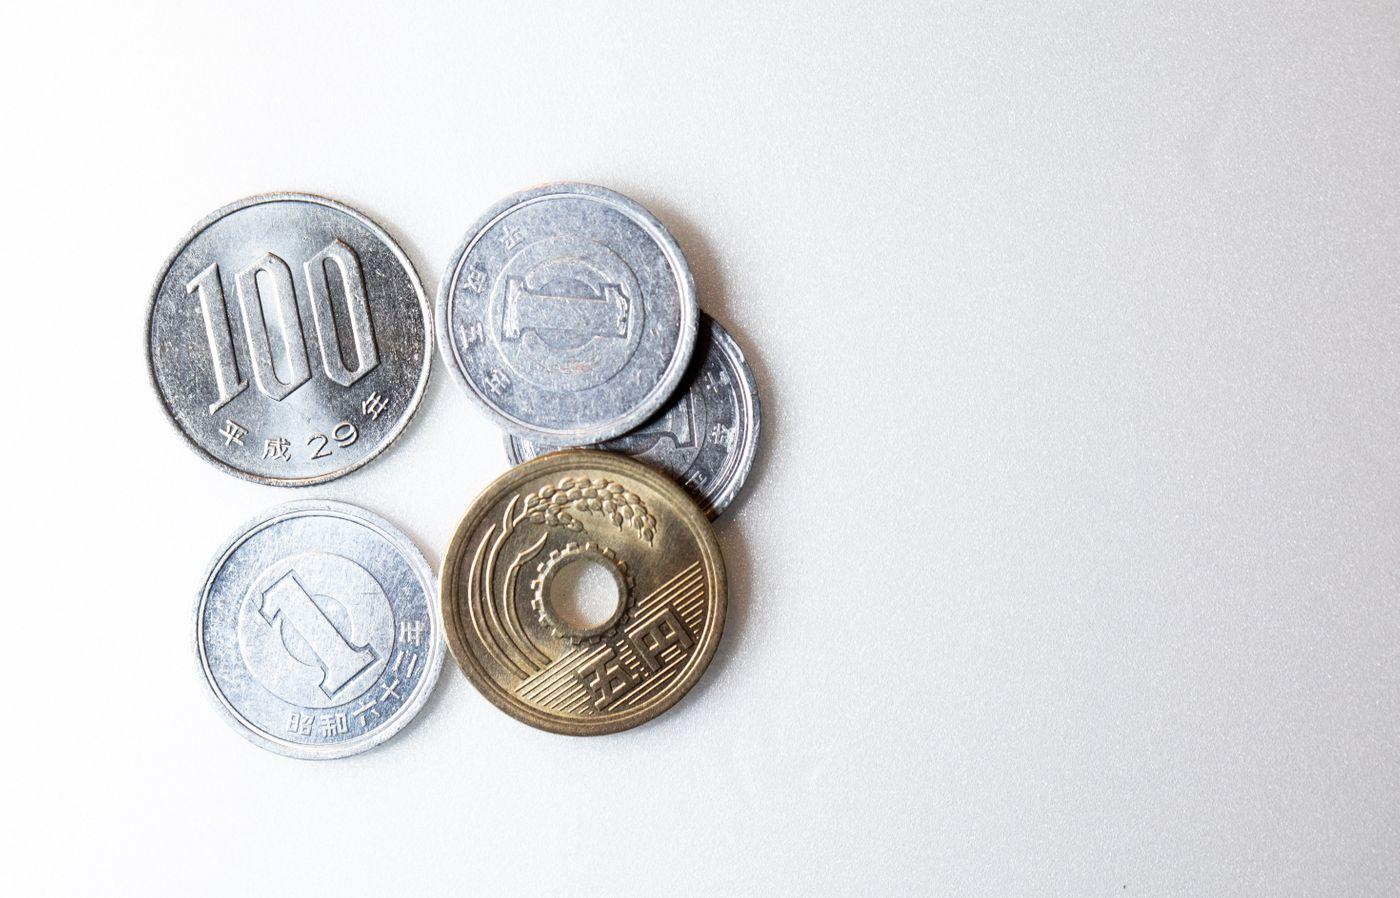 108円(小銭)の写真